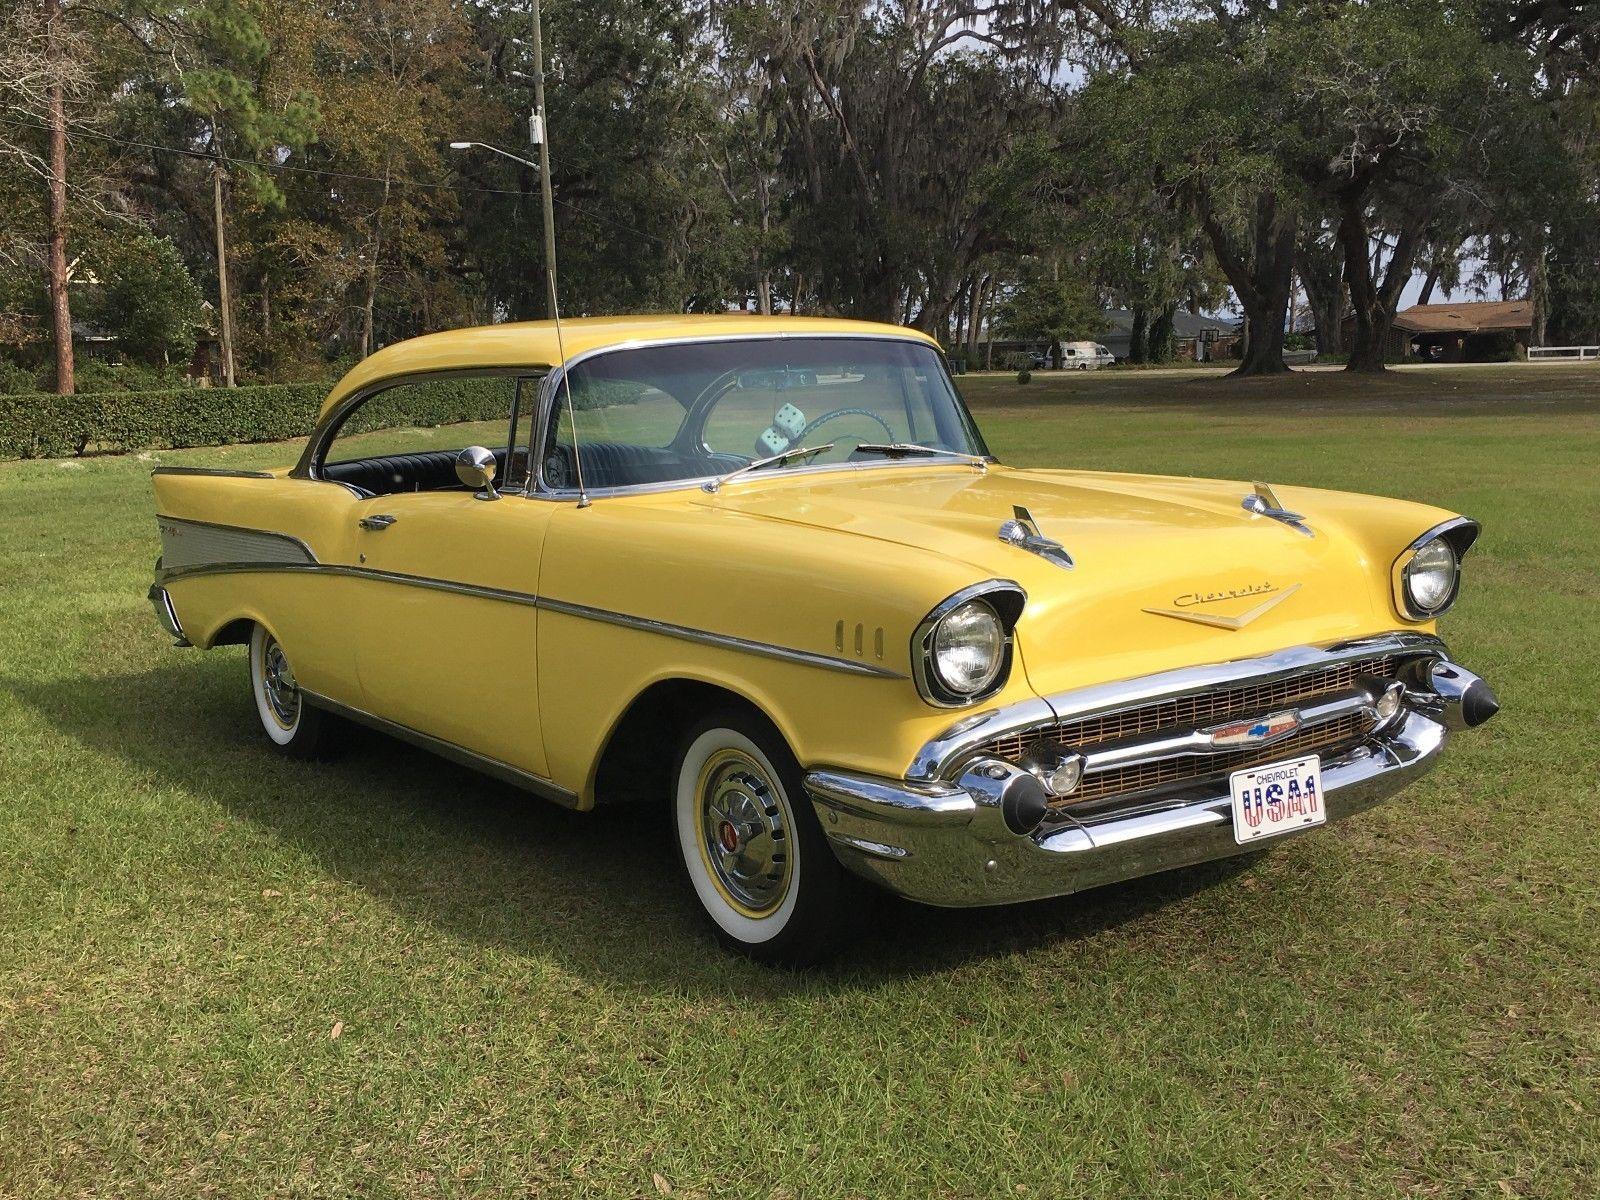 Awesome Great 1957 Chevrolet Bel Air 150 210 2 Door Hardtop